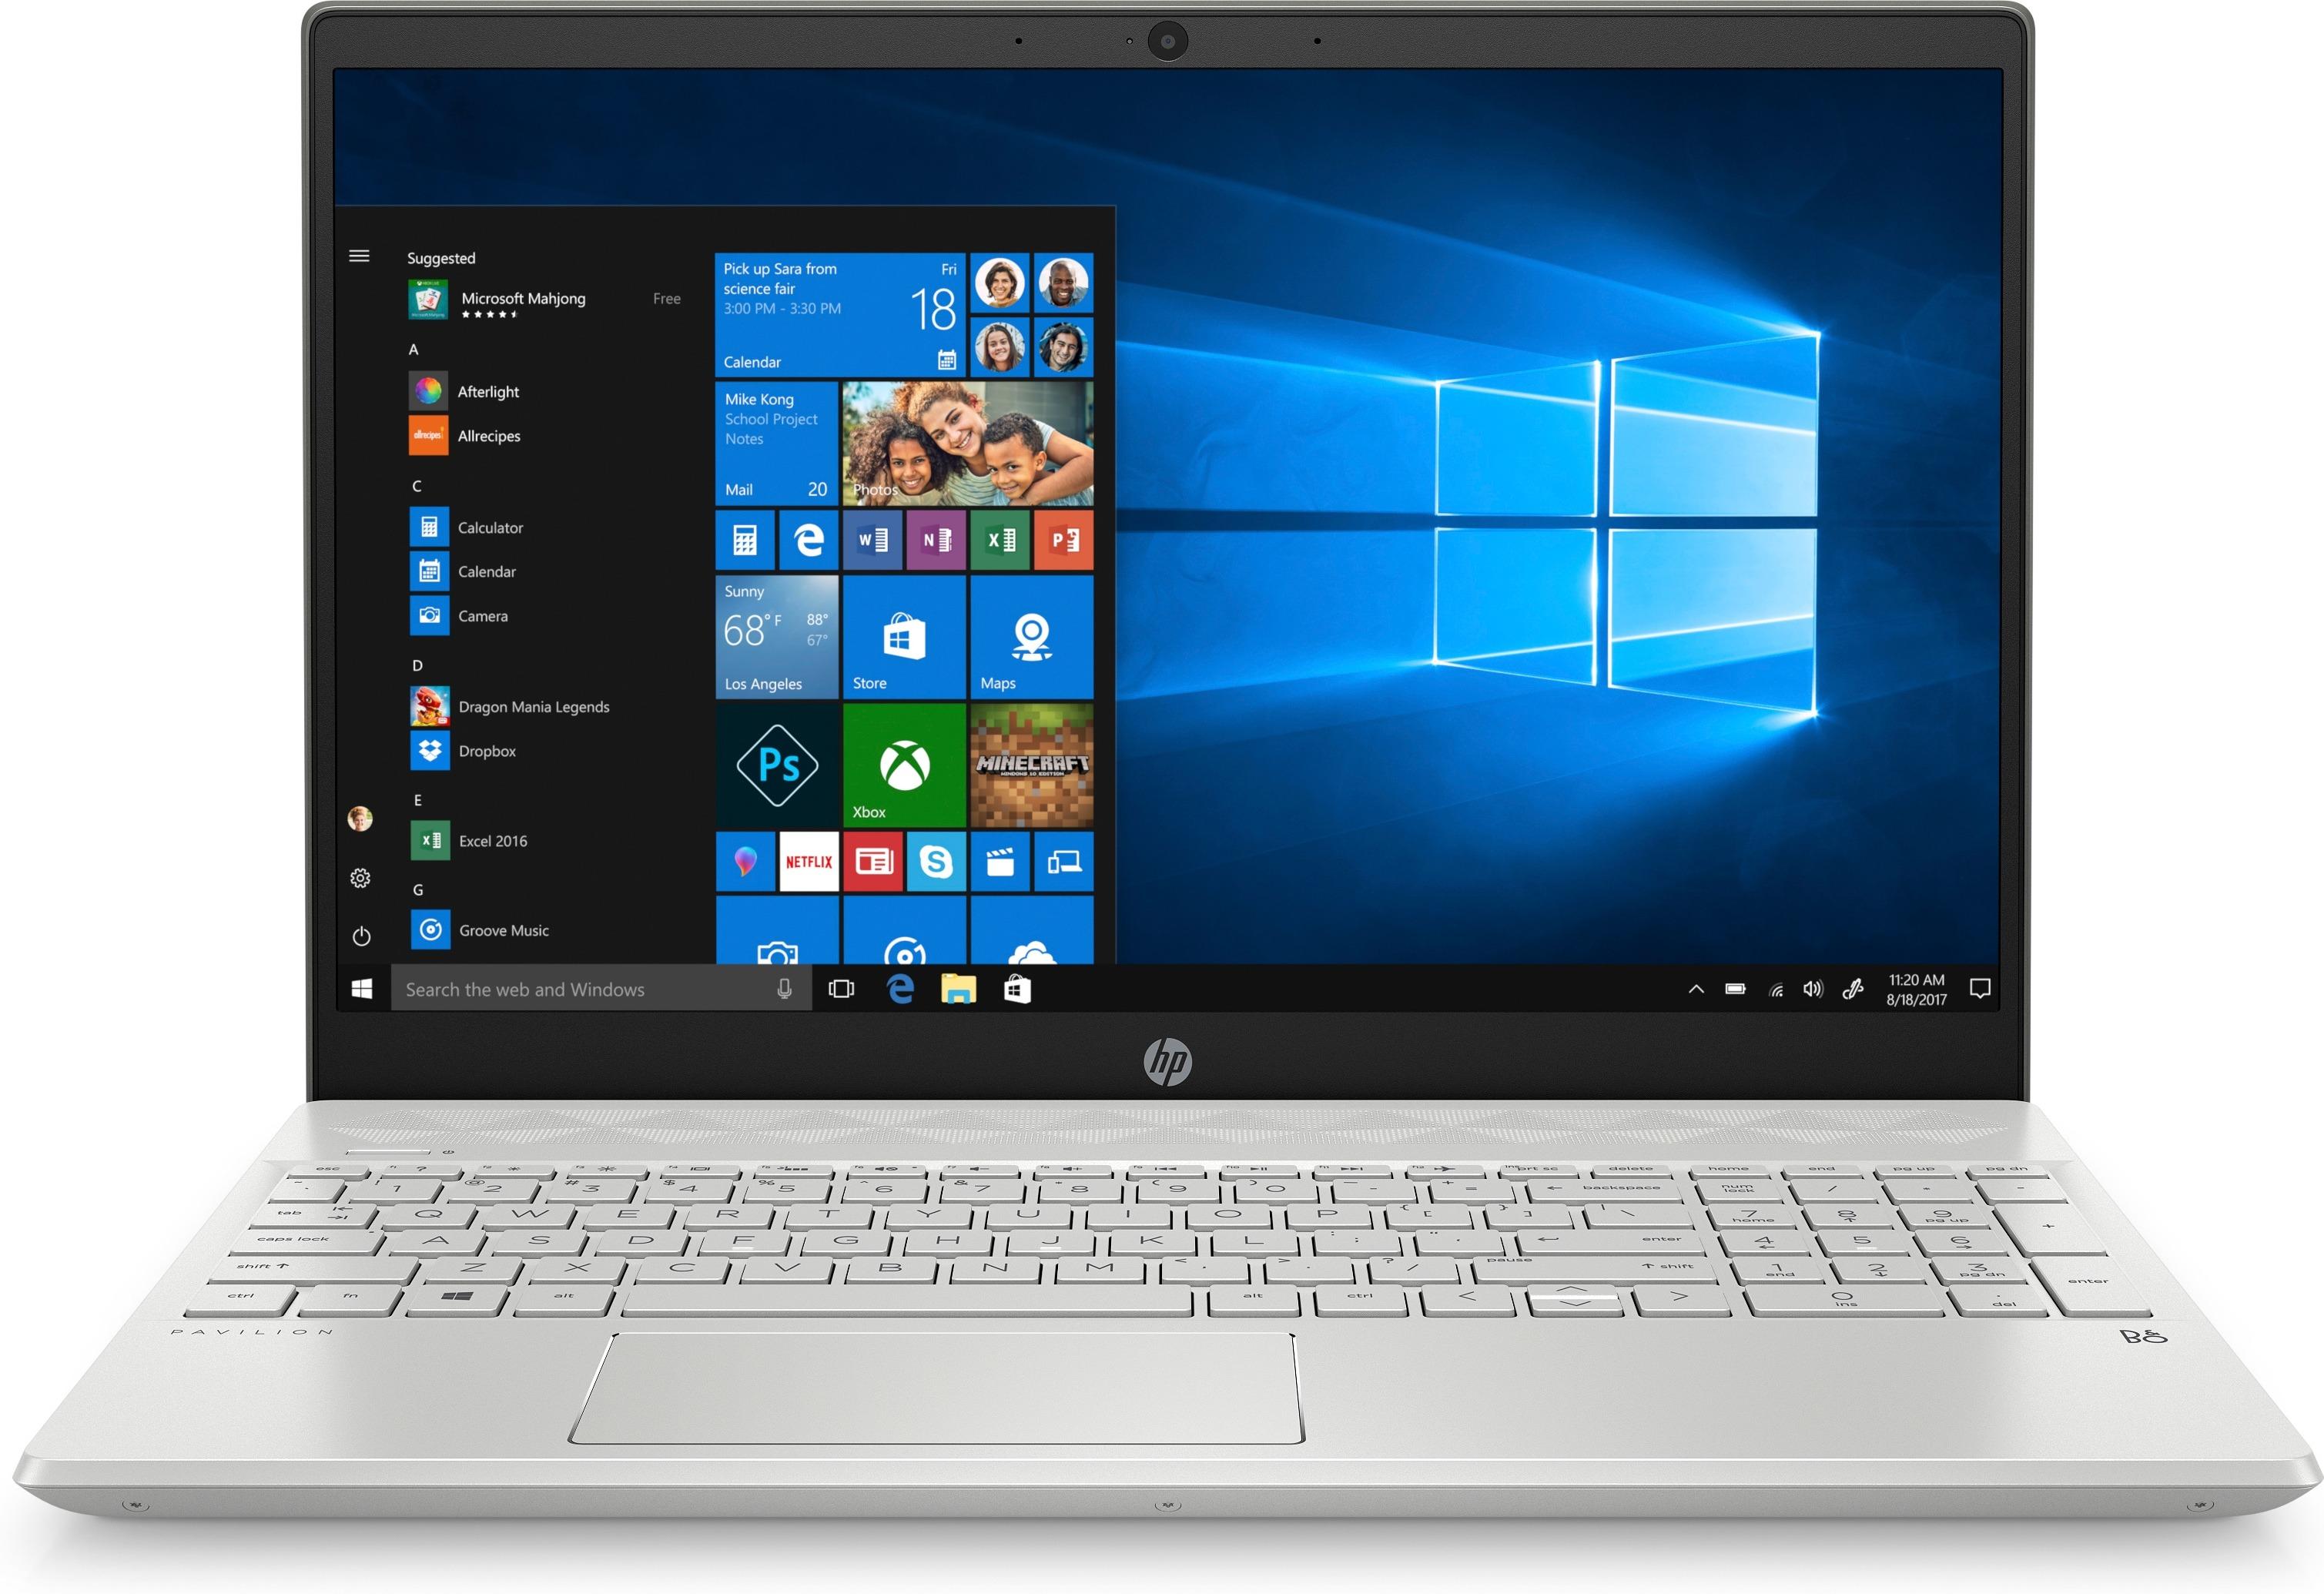 Korting HP Pavilion 15 cs3021nd laptop